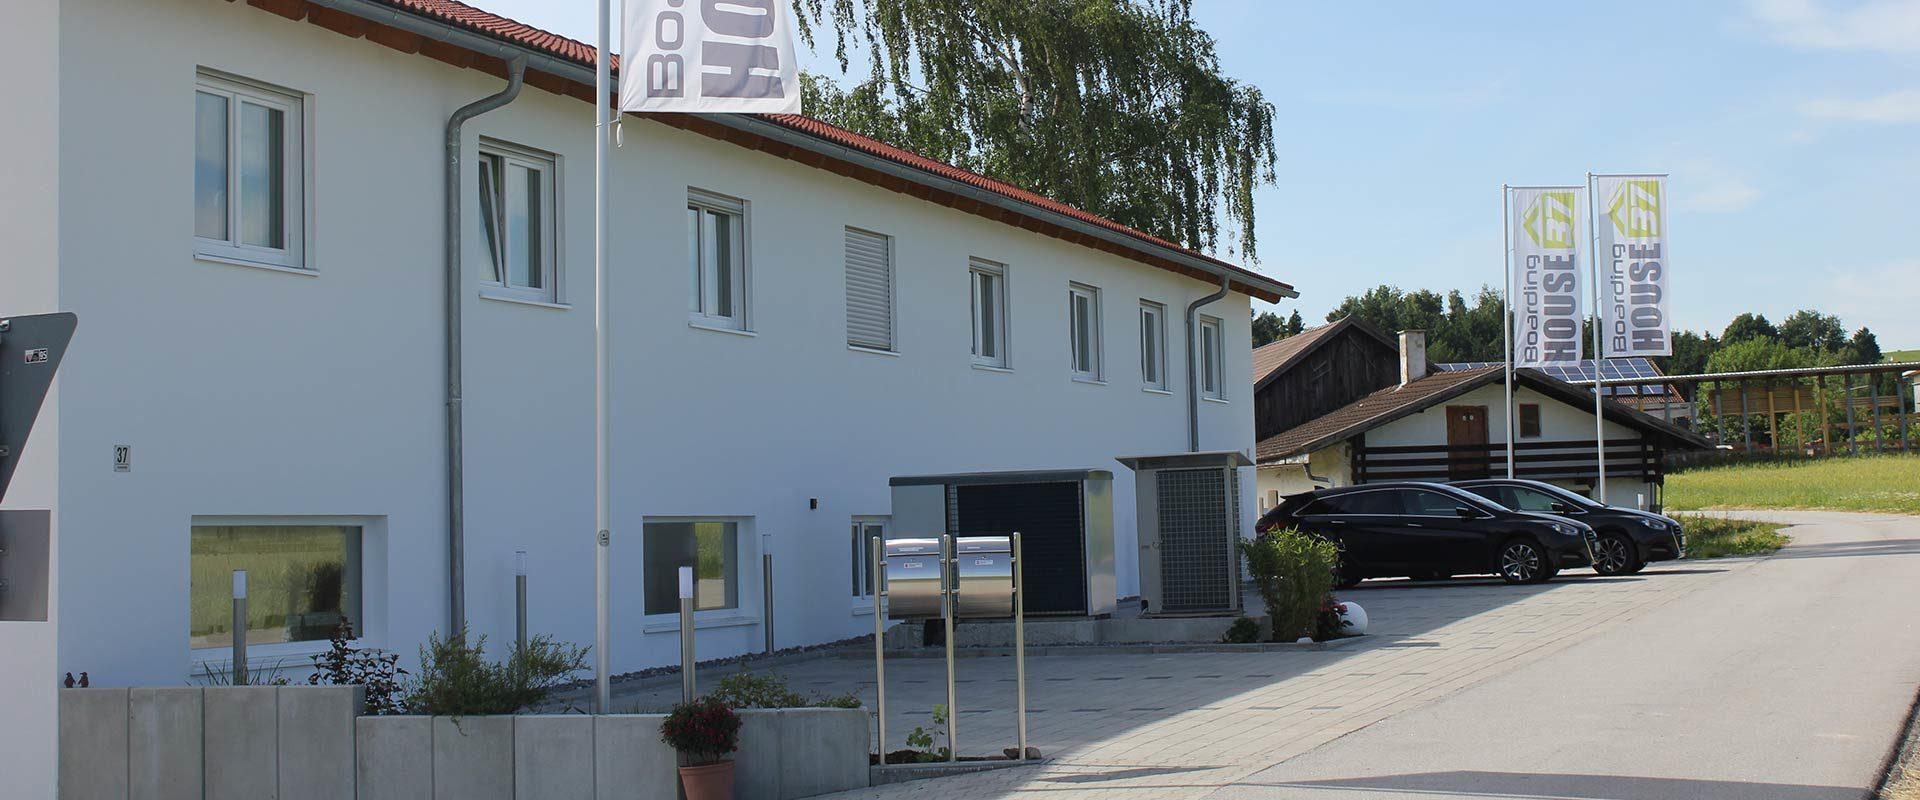 Boardinghouse 37 in Schwarzach von vorne